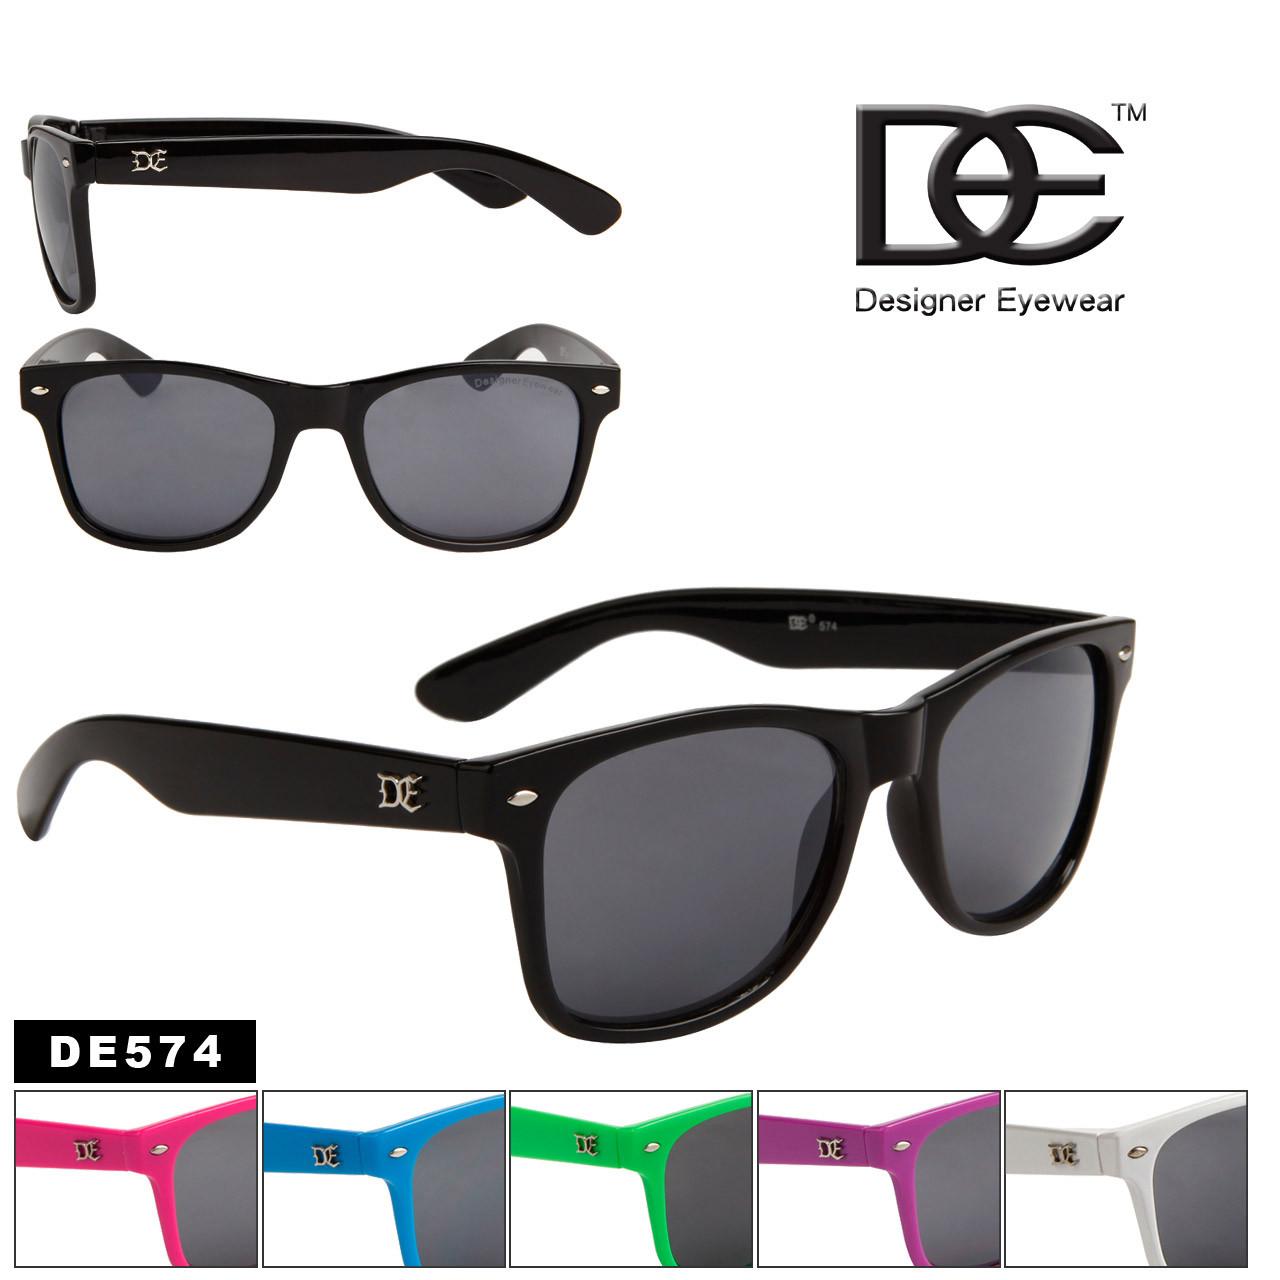 DE™ California Classics Sunglasses - Style DE574 (Assorted Colors) (12 pcs.)